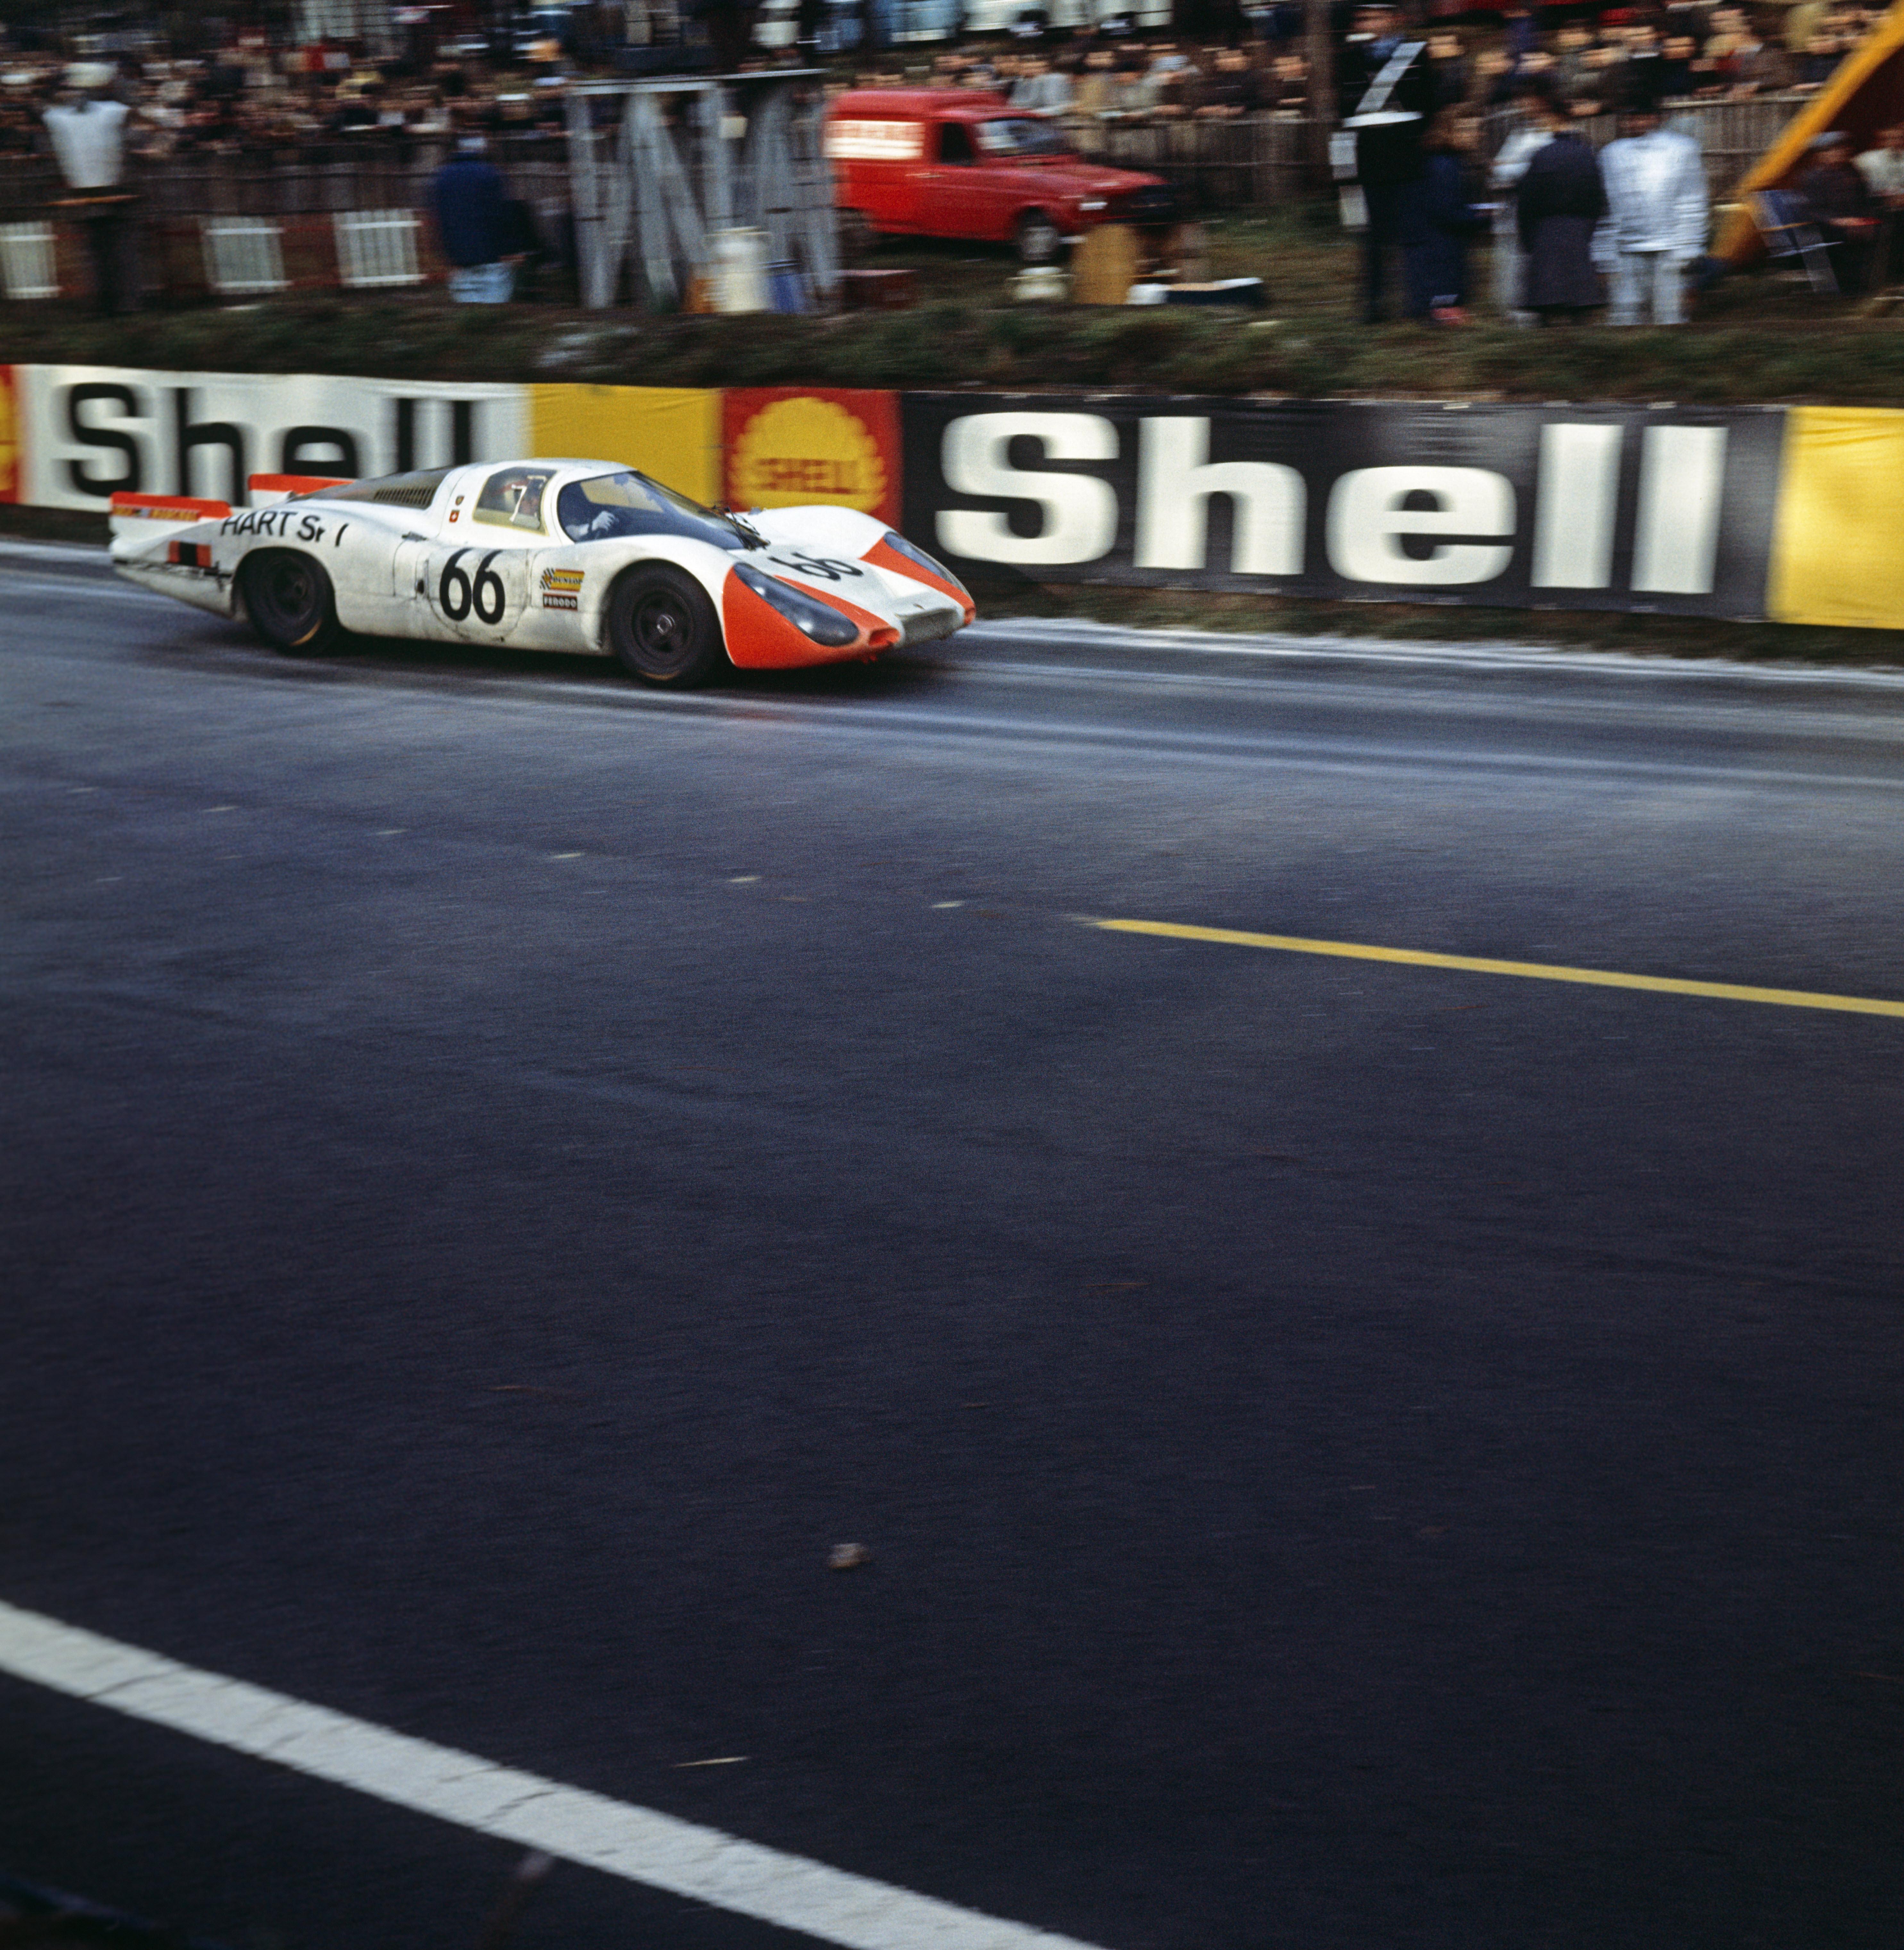 29.09.1968 24h Le Mans; Nr. 66: Rico Steinemann und Dieter Spoerry auf einem 907 LH Coupé; 2. Pl. Ges.Kl. (1. Pl. P 3.0-Klasse)